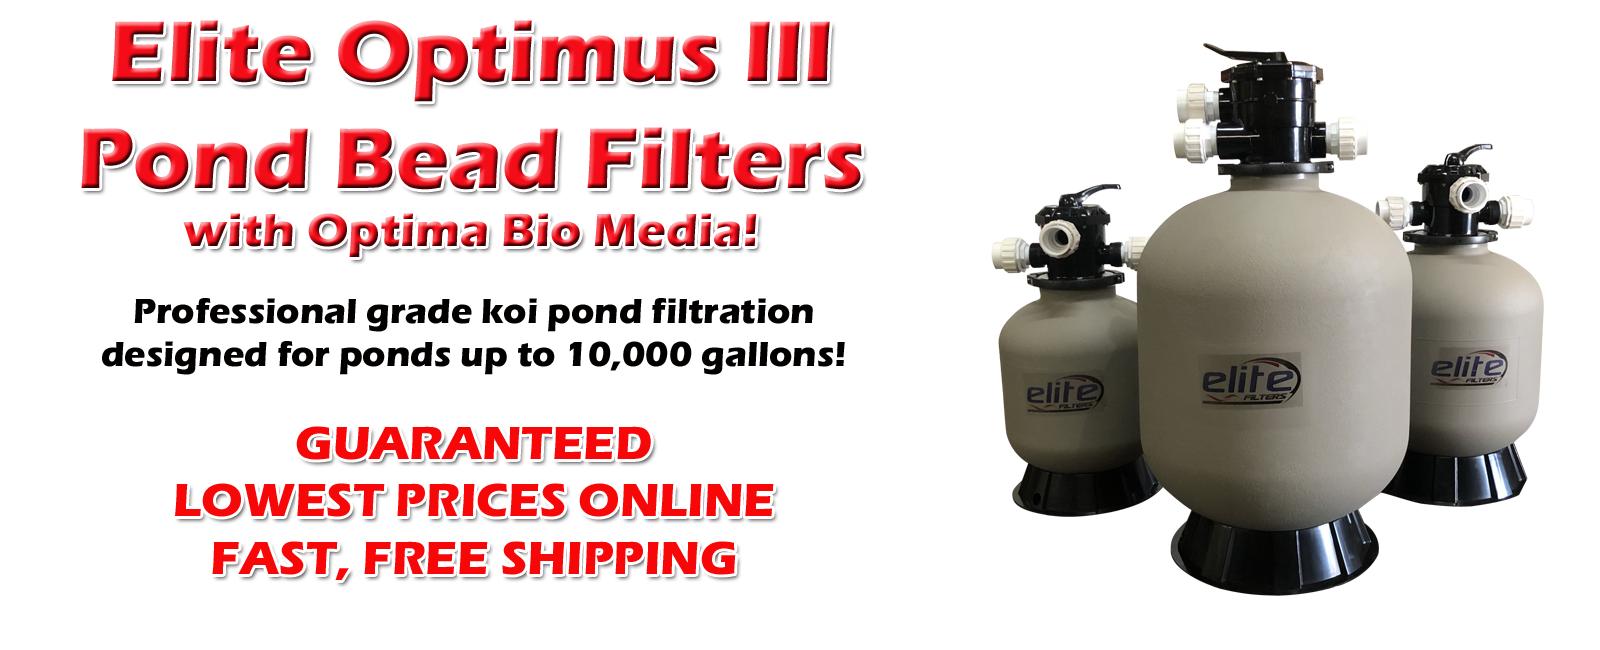 Elite Optima III Pond Bead Filters with Optima Bio Media